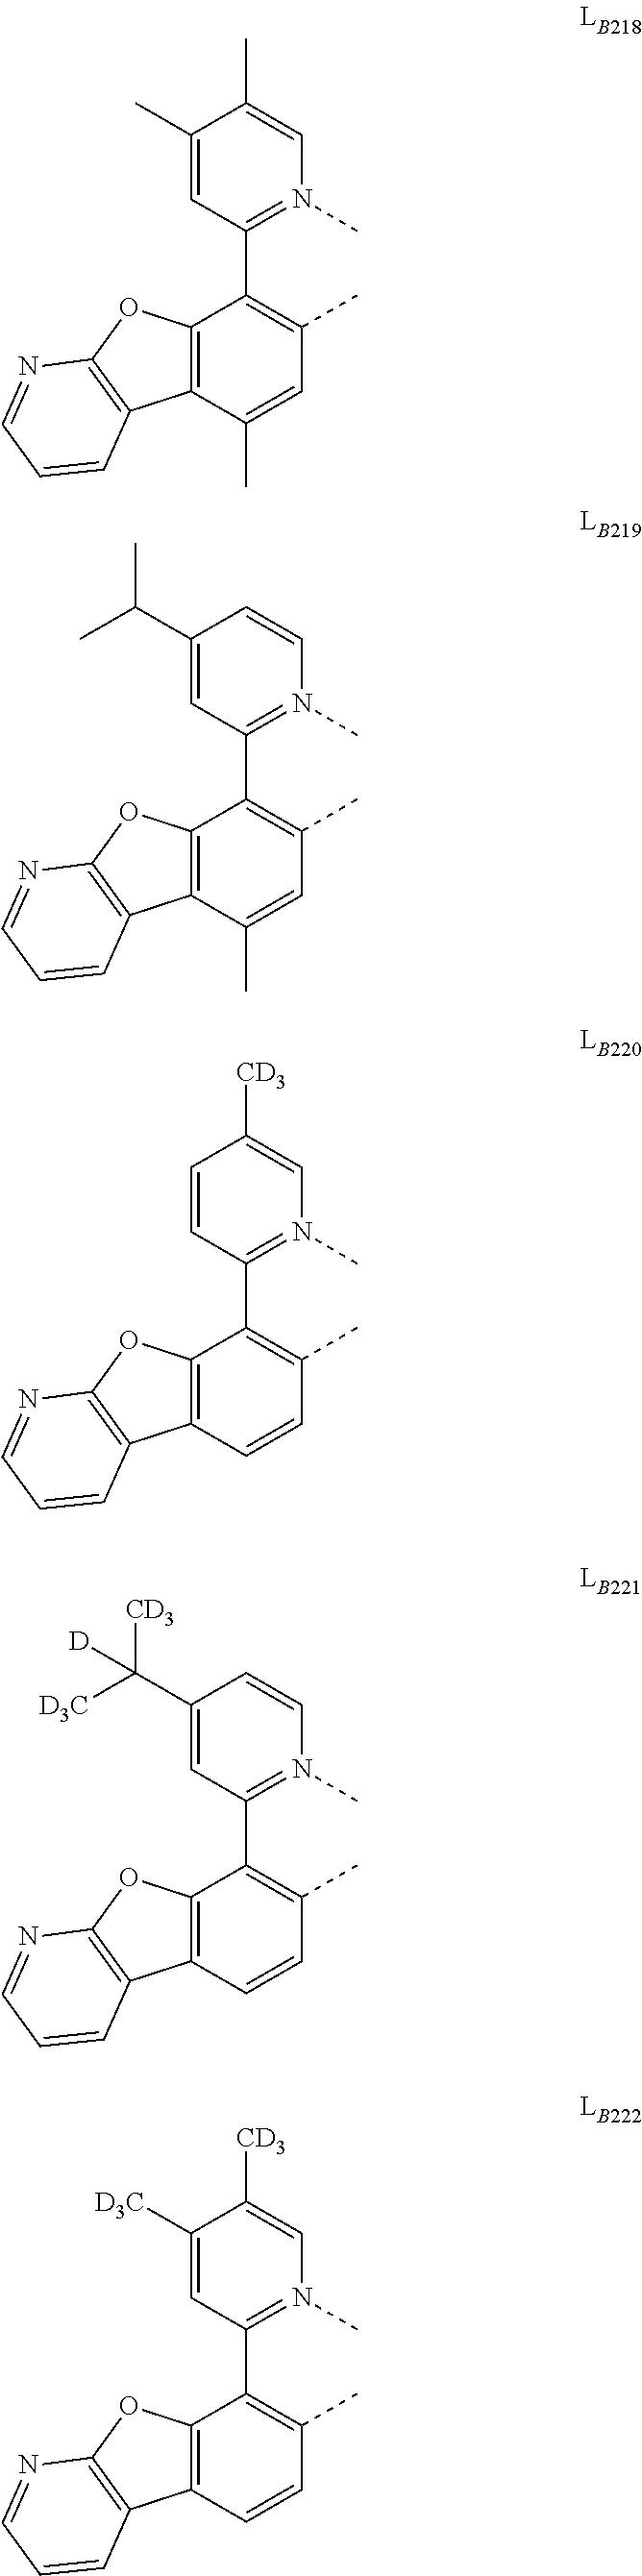 Figure US09929360-20180327-C00261